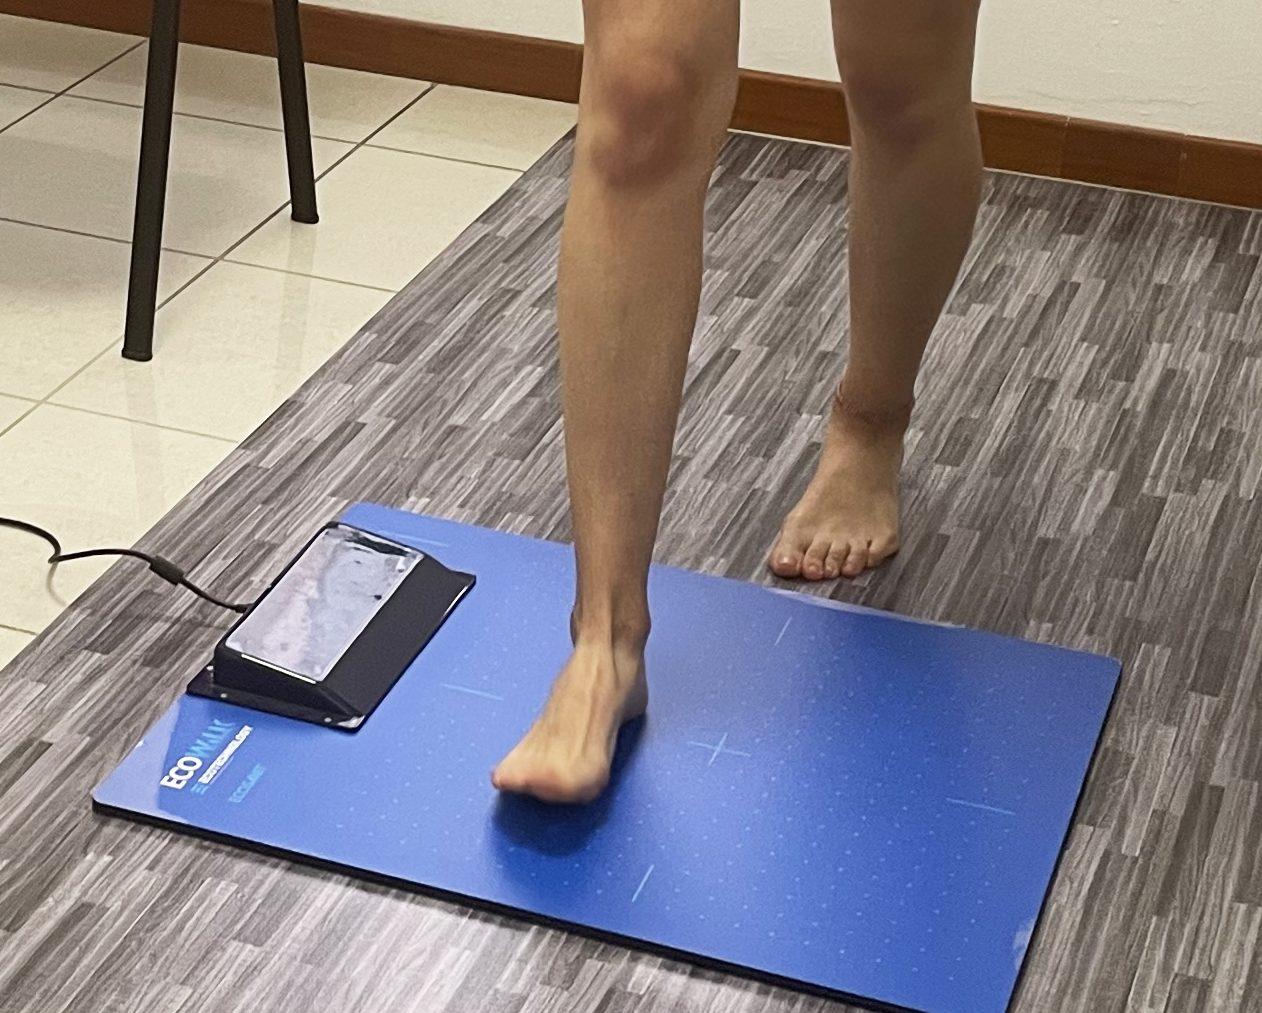 Pronazione o Supinazione: riconosci l'appoggio del piede 3